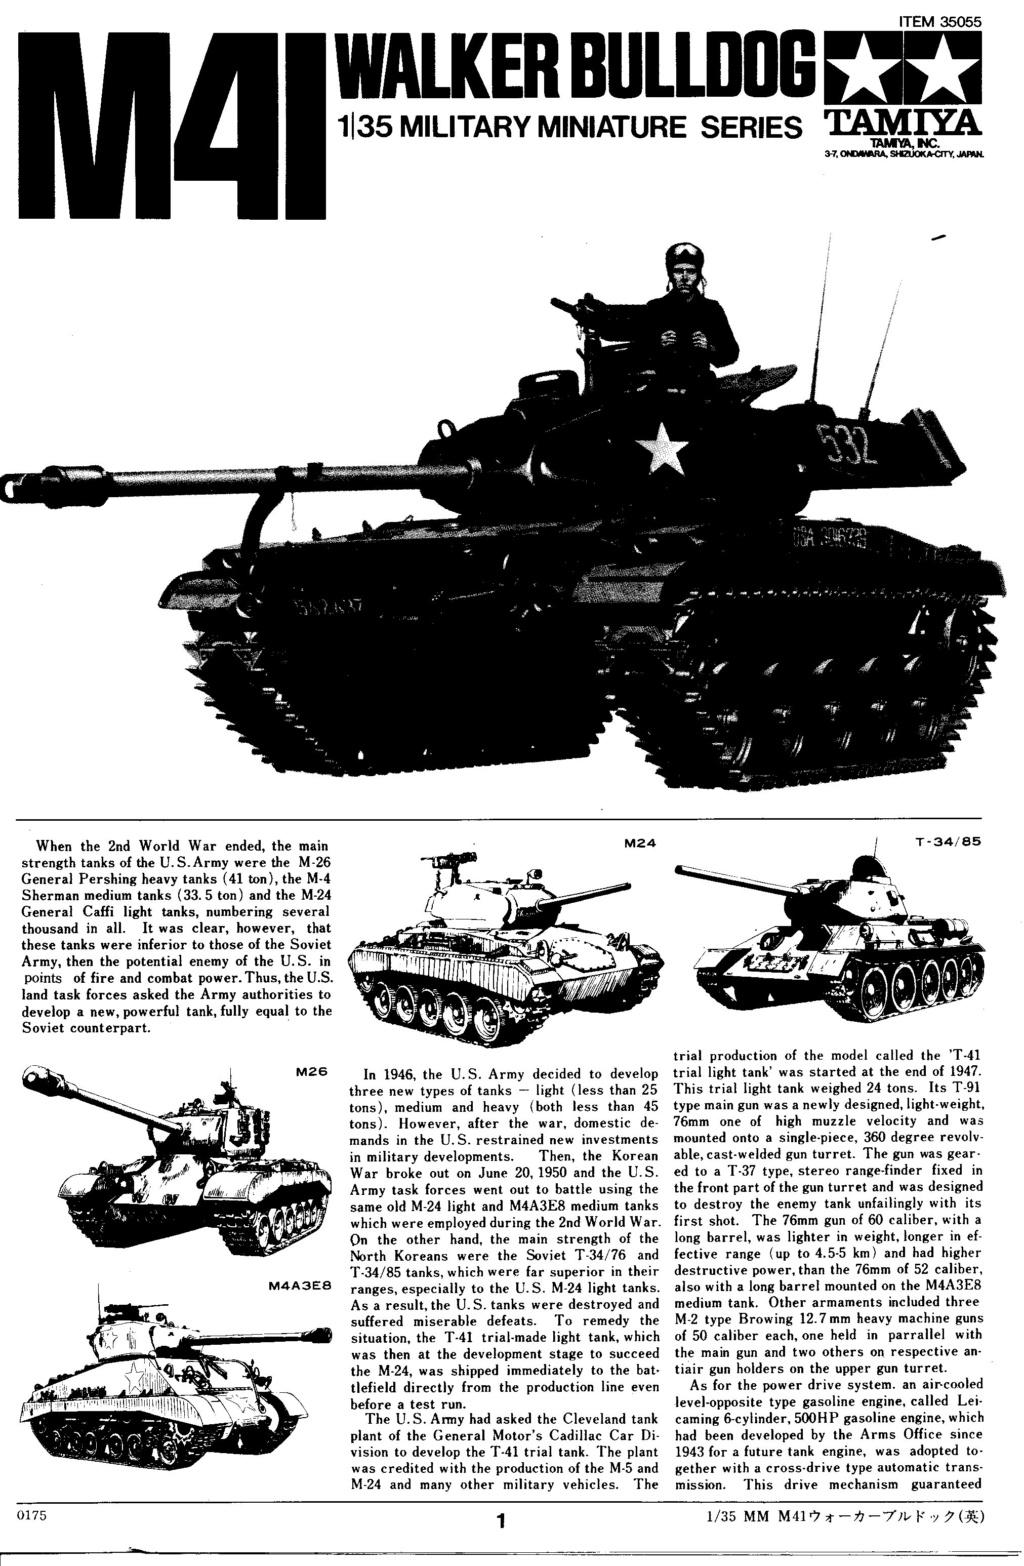 [TAMIYA] M41 WALKER BULLDOG  1/35 - REF : 35055 - NOTICE Maque354